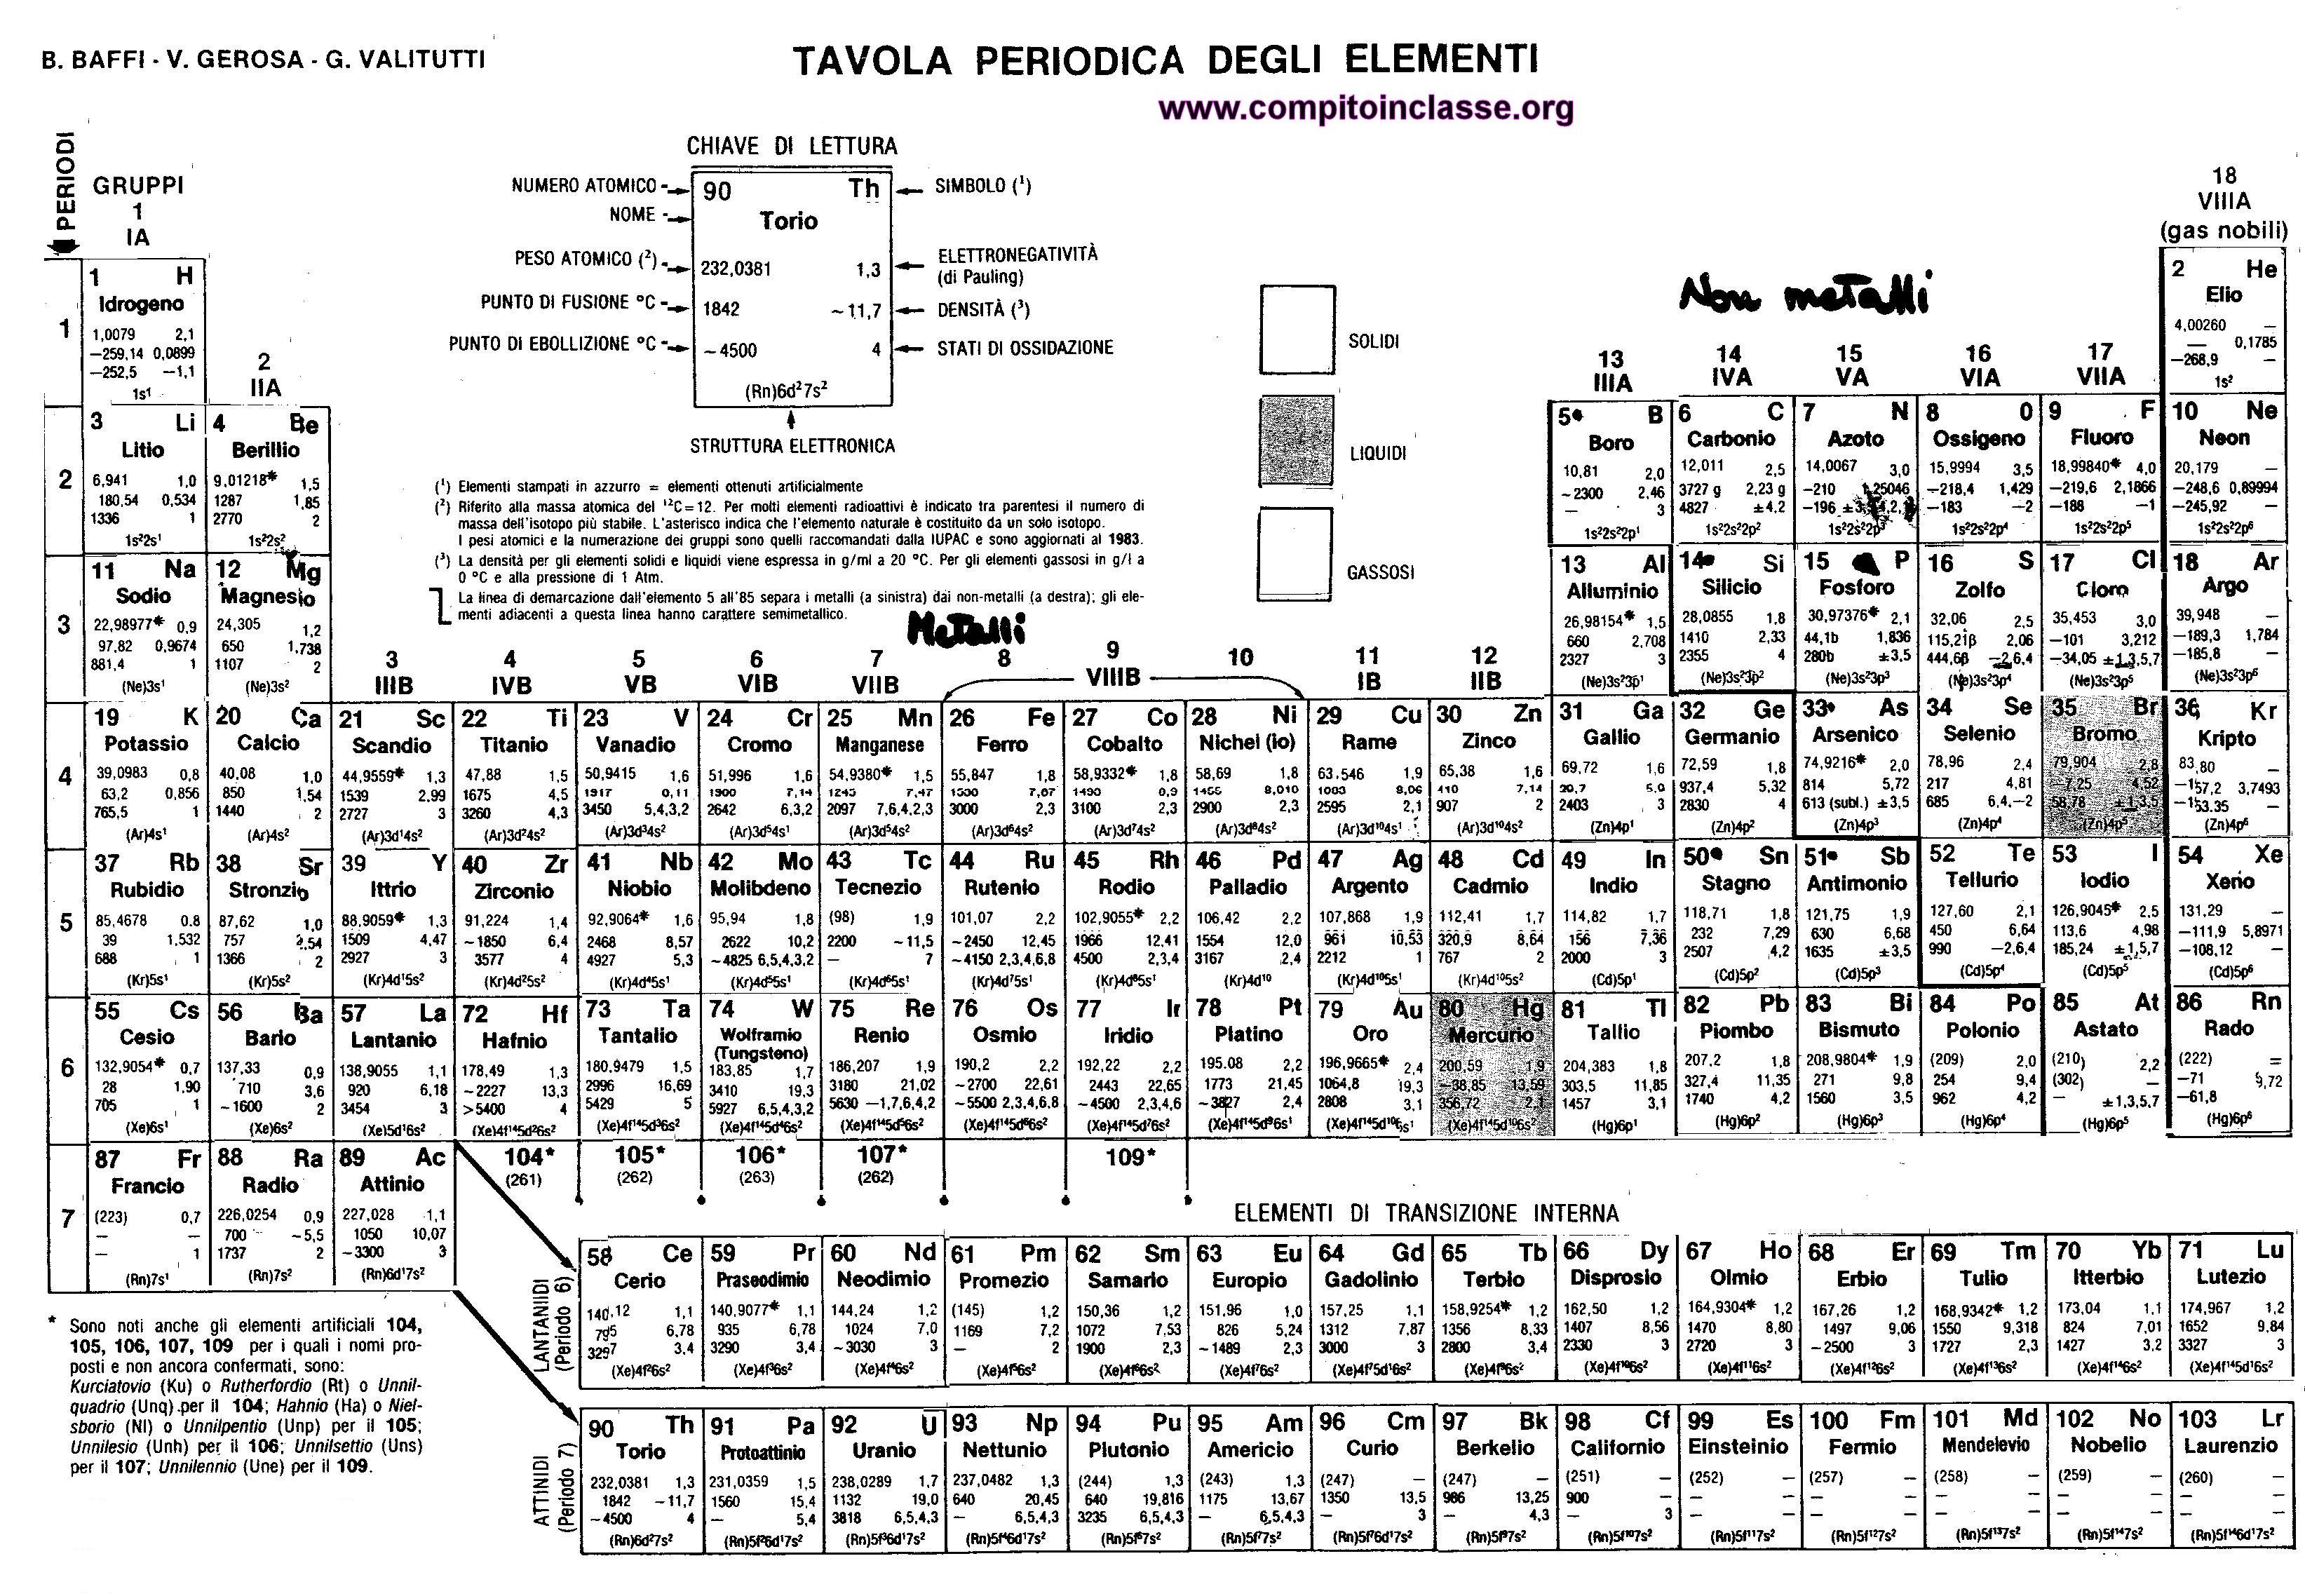 Tavola periodica - Tavola chimica degli elementi ...